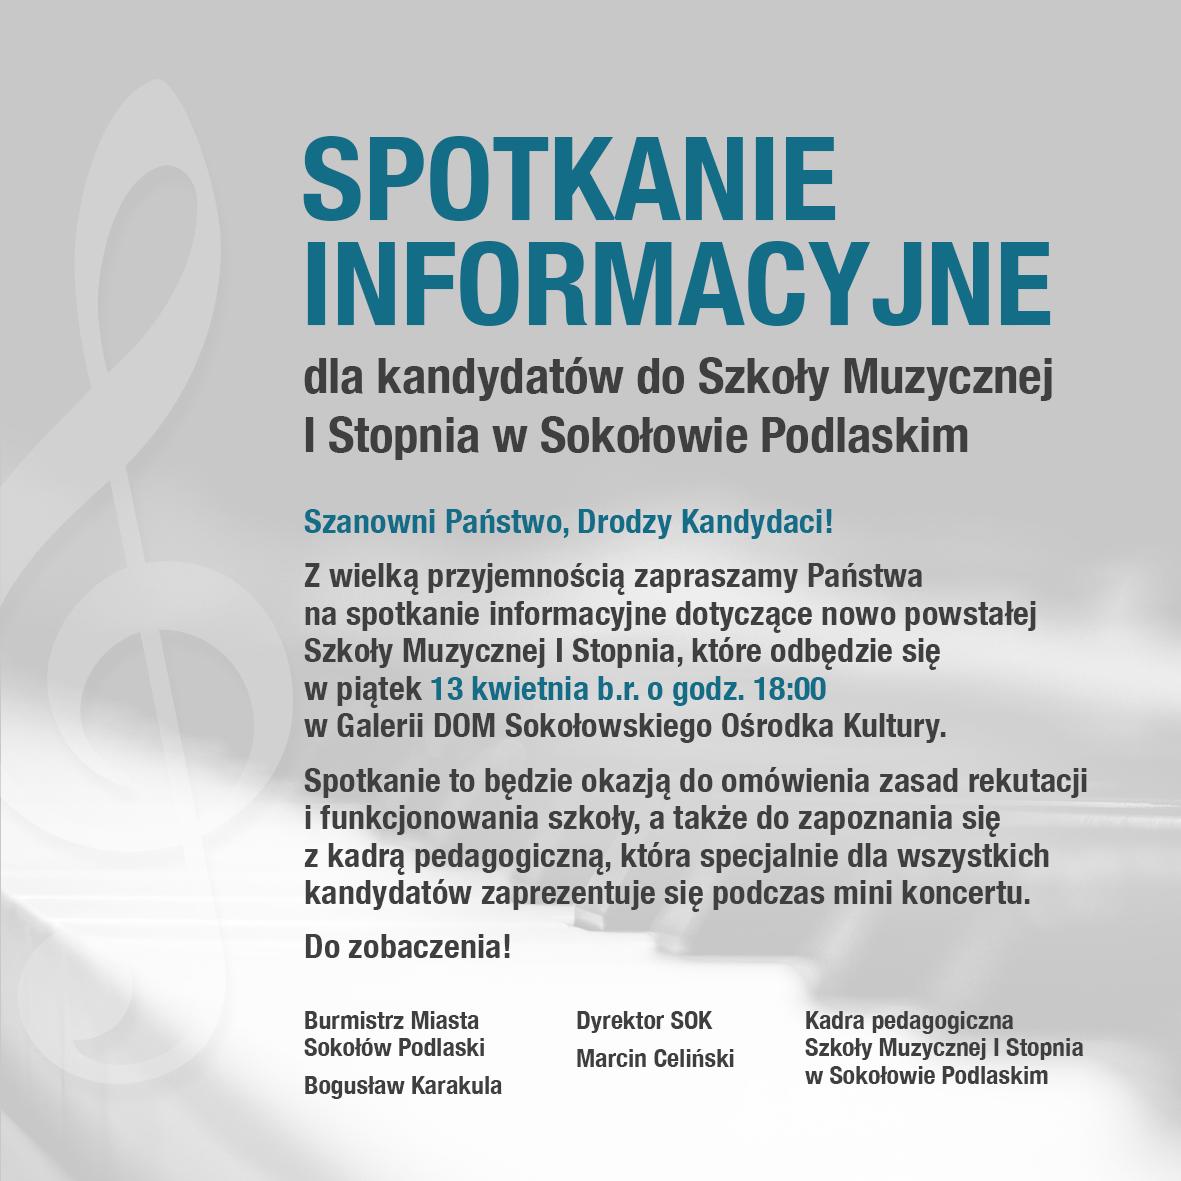 foto: Plakat informacyjny - spotkanie informacyjne szkola muzyczna